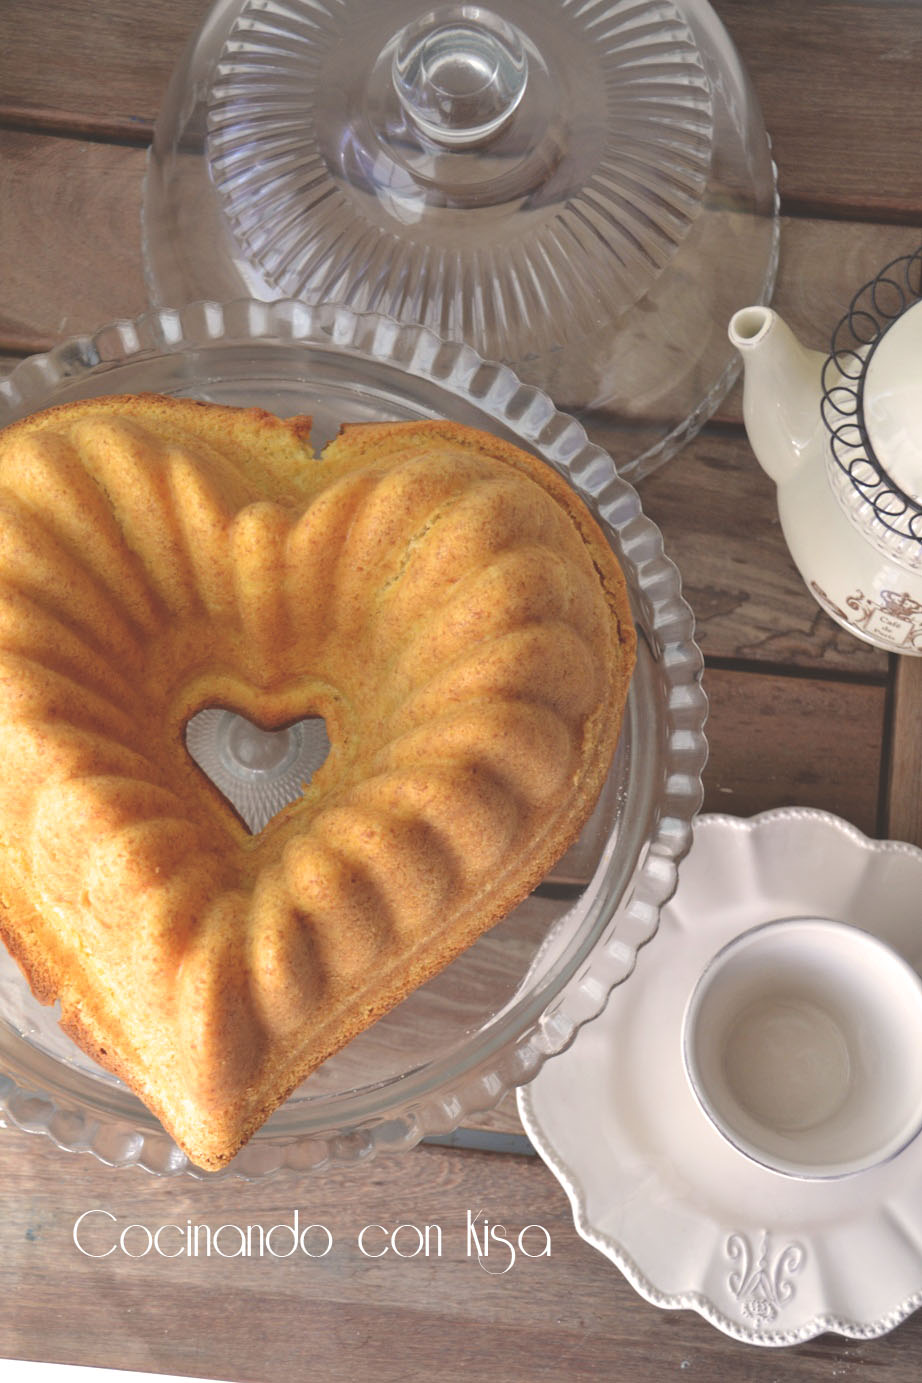 Cocinando con kisa bunt cake de yemas y lim n kitchenaid for Cocinando con kisa